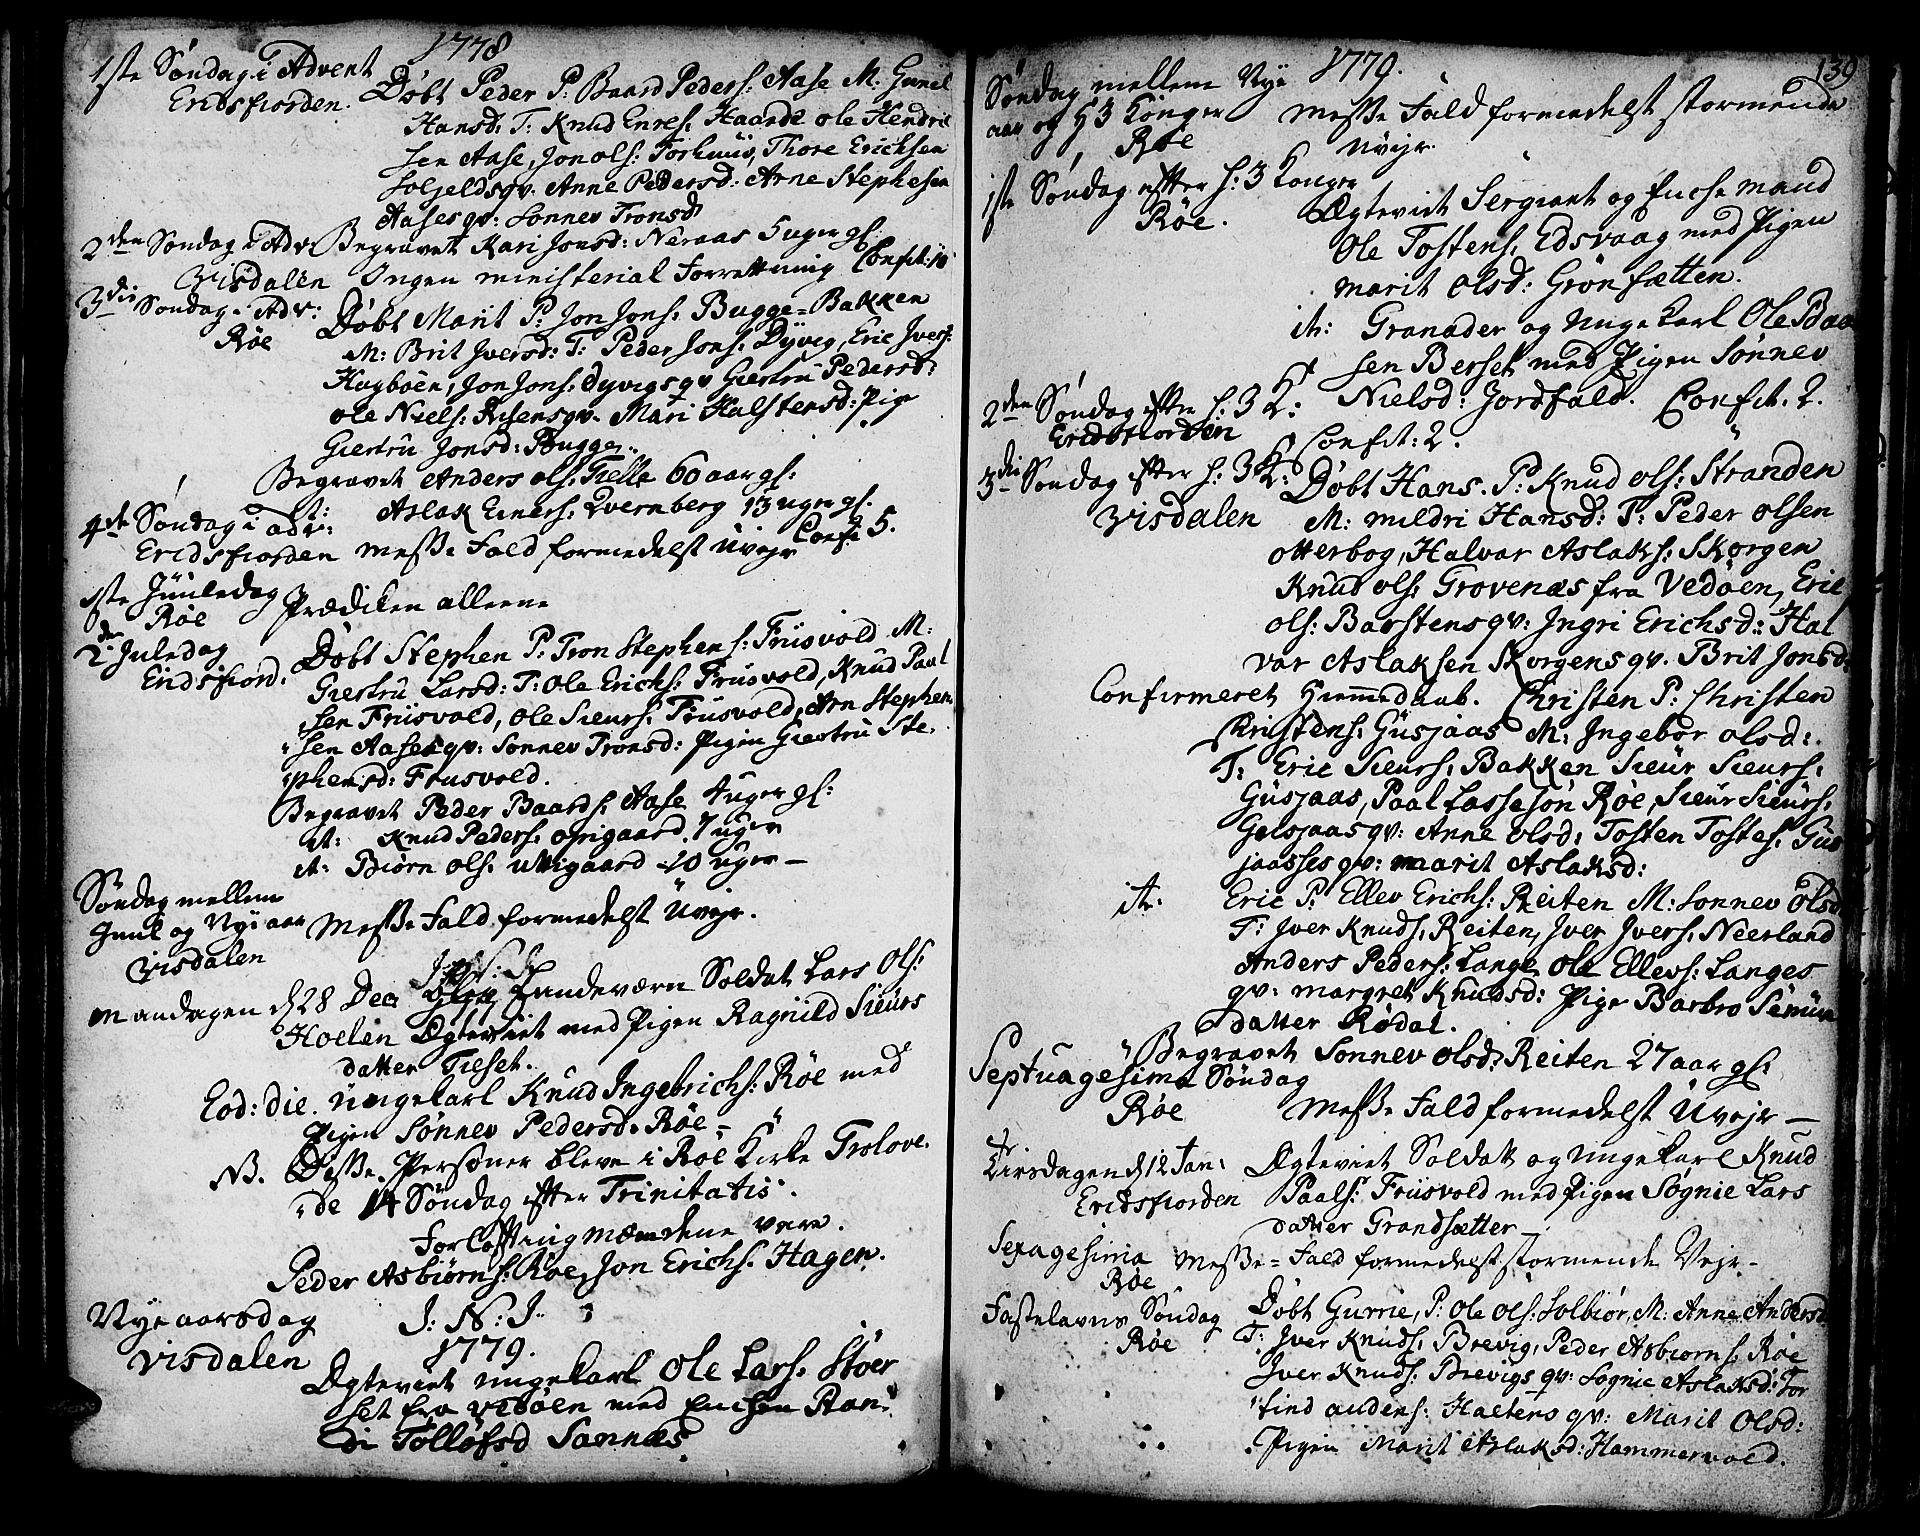 SAT, Ministerialprotokoller, klokkerbøker og fødselsregistre - Møre og Romsdal, 551/L0621: Ministerialbok nr. 551A01, 1757-1803, s. 139